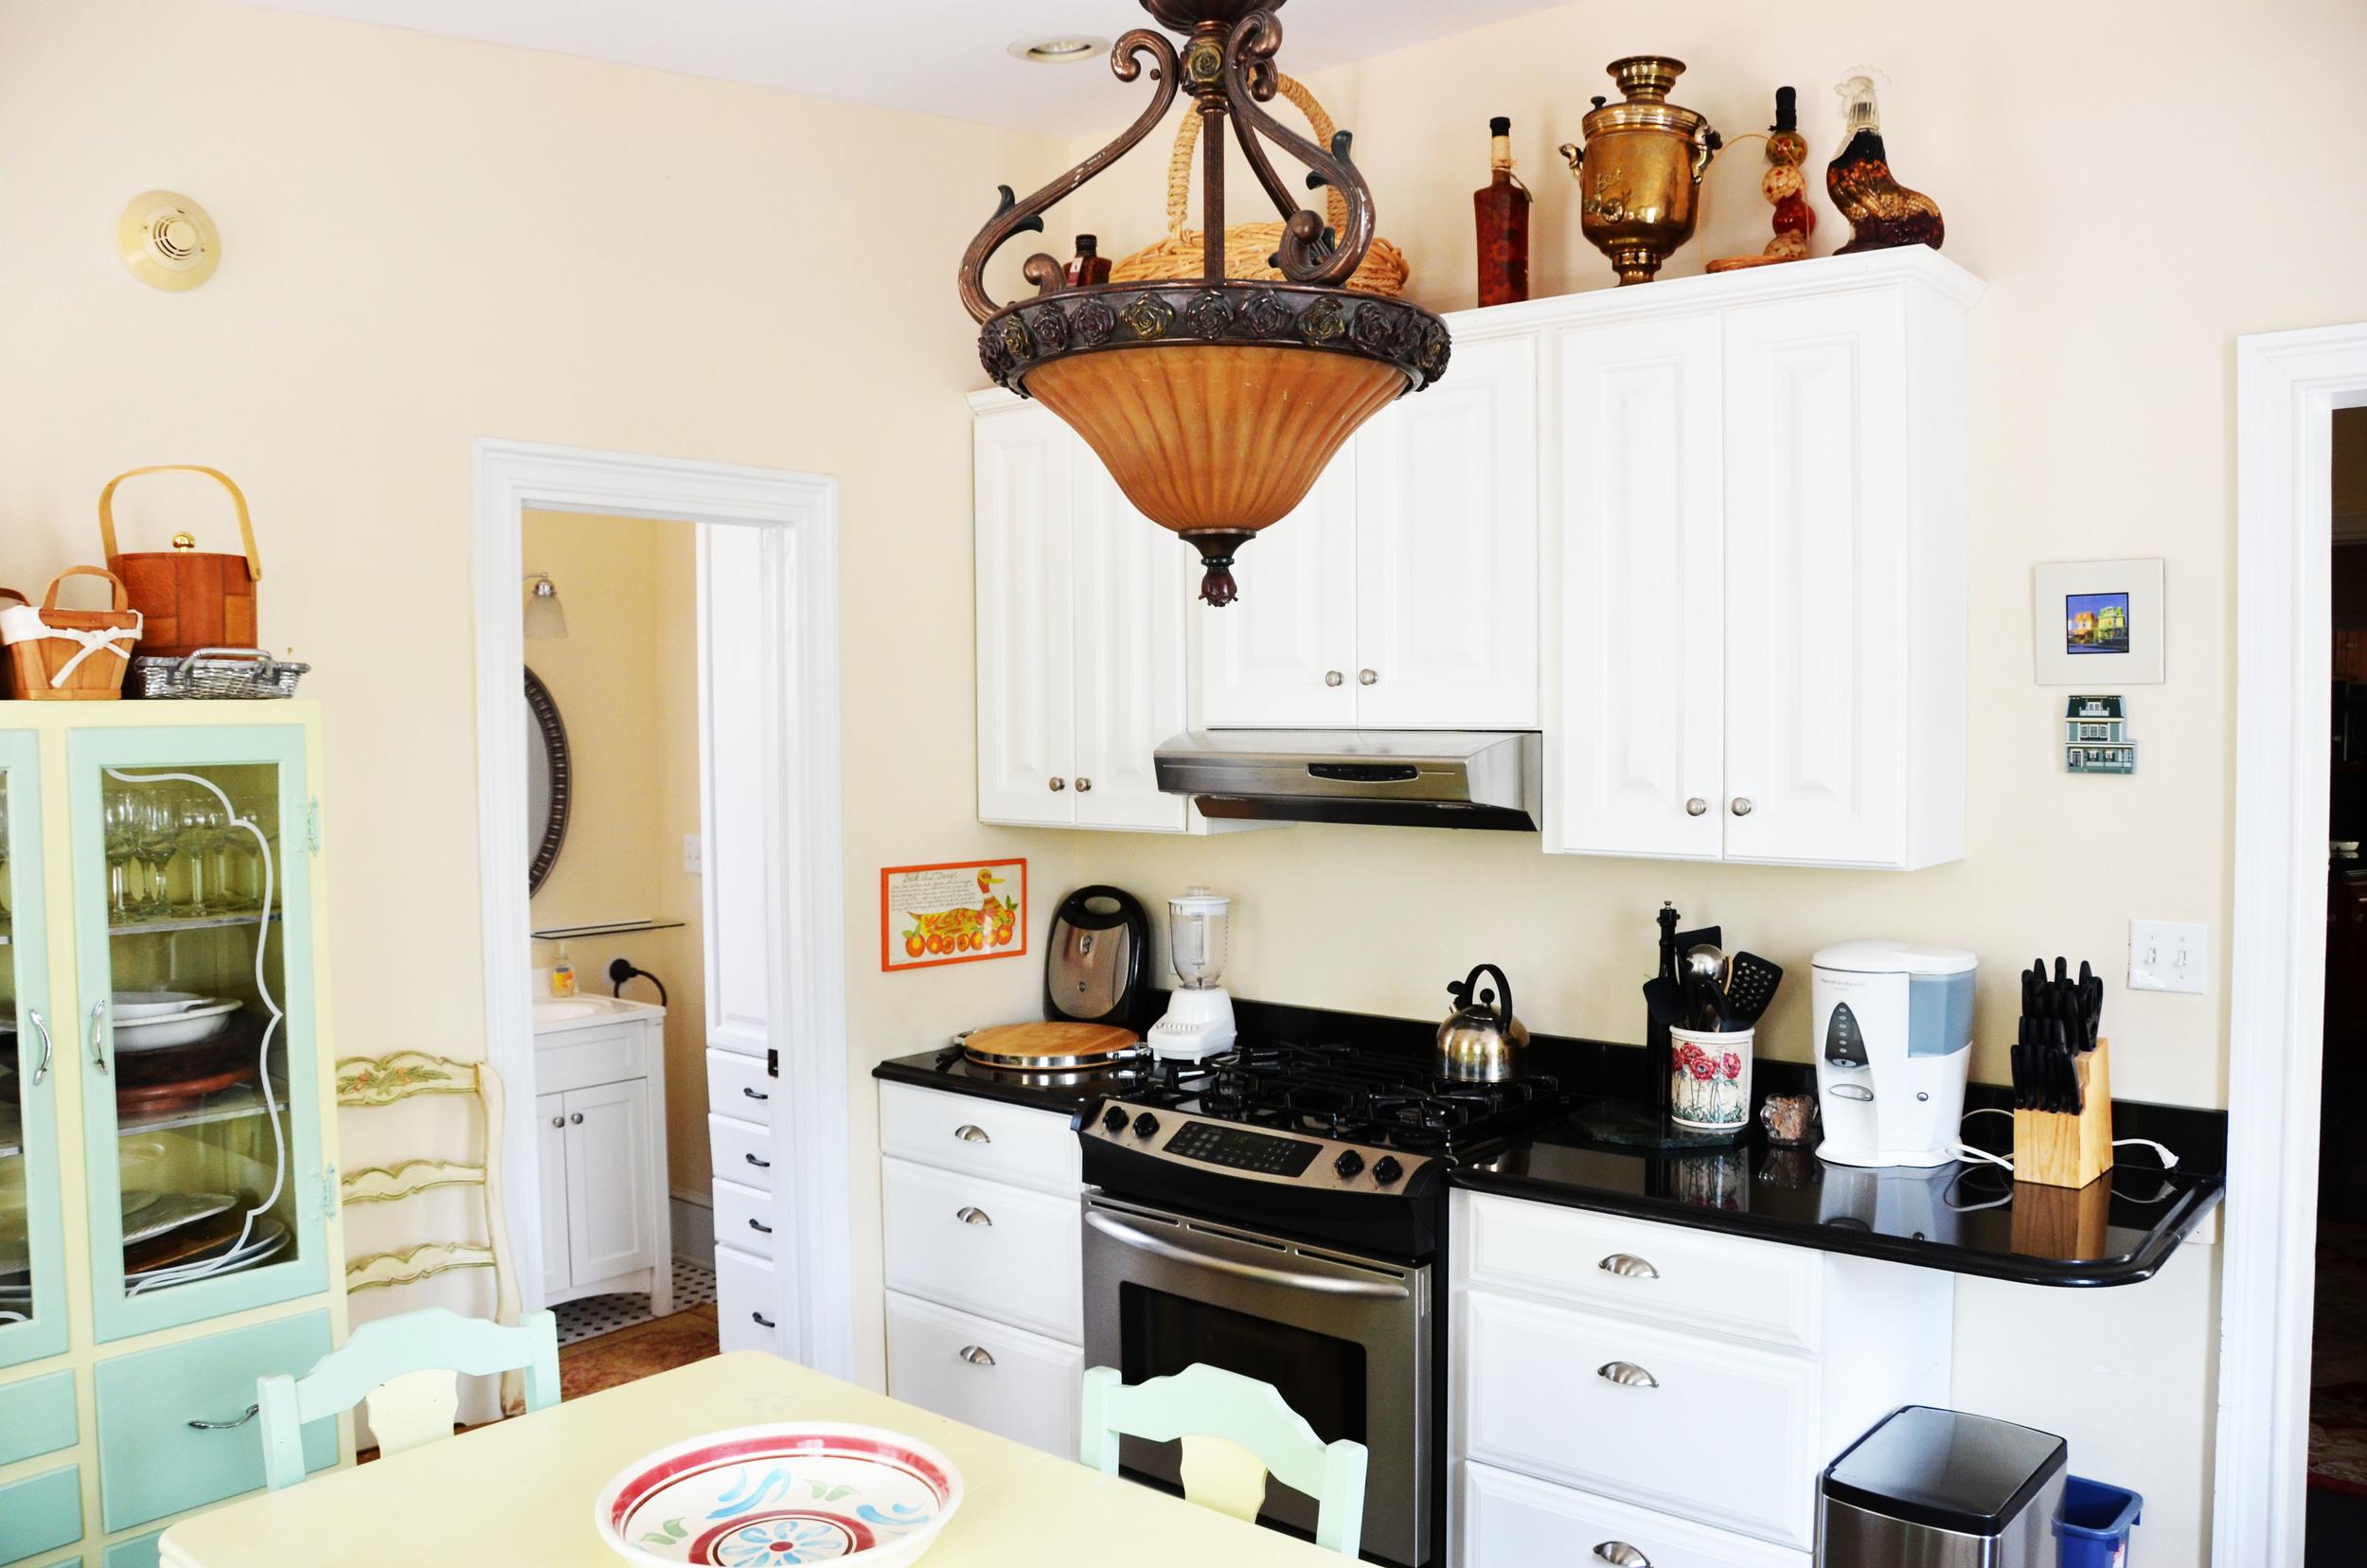 Kitchen2-6 copy.jpg